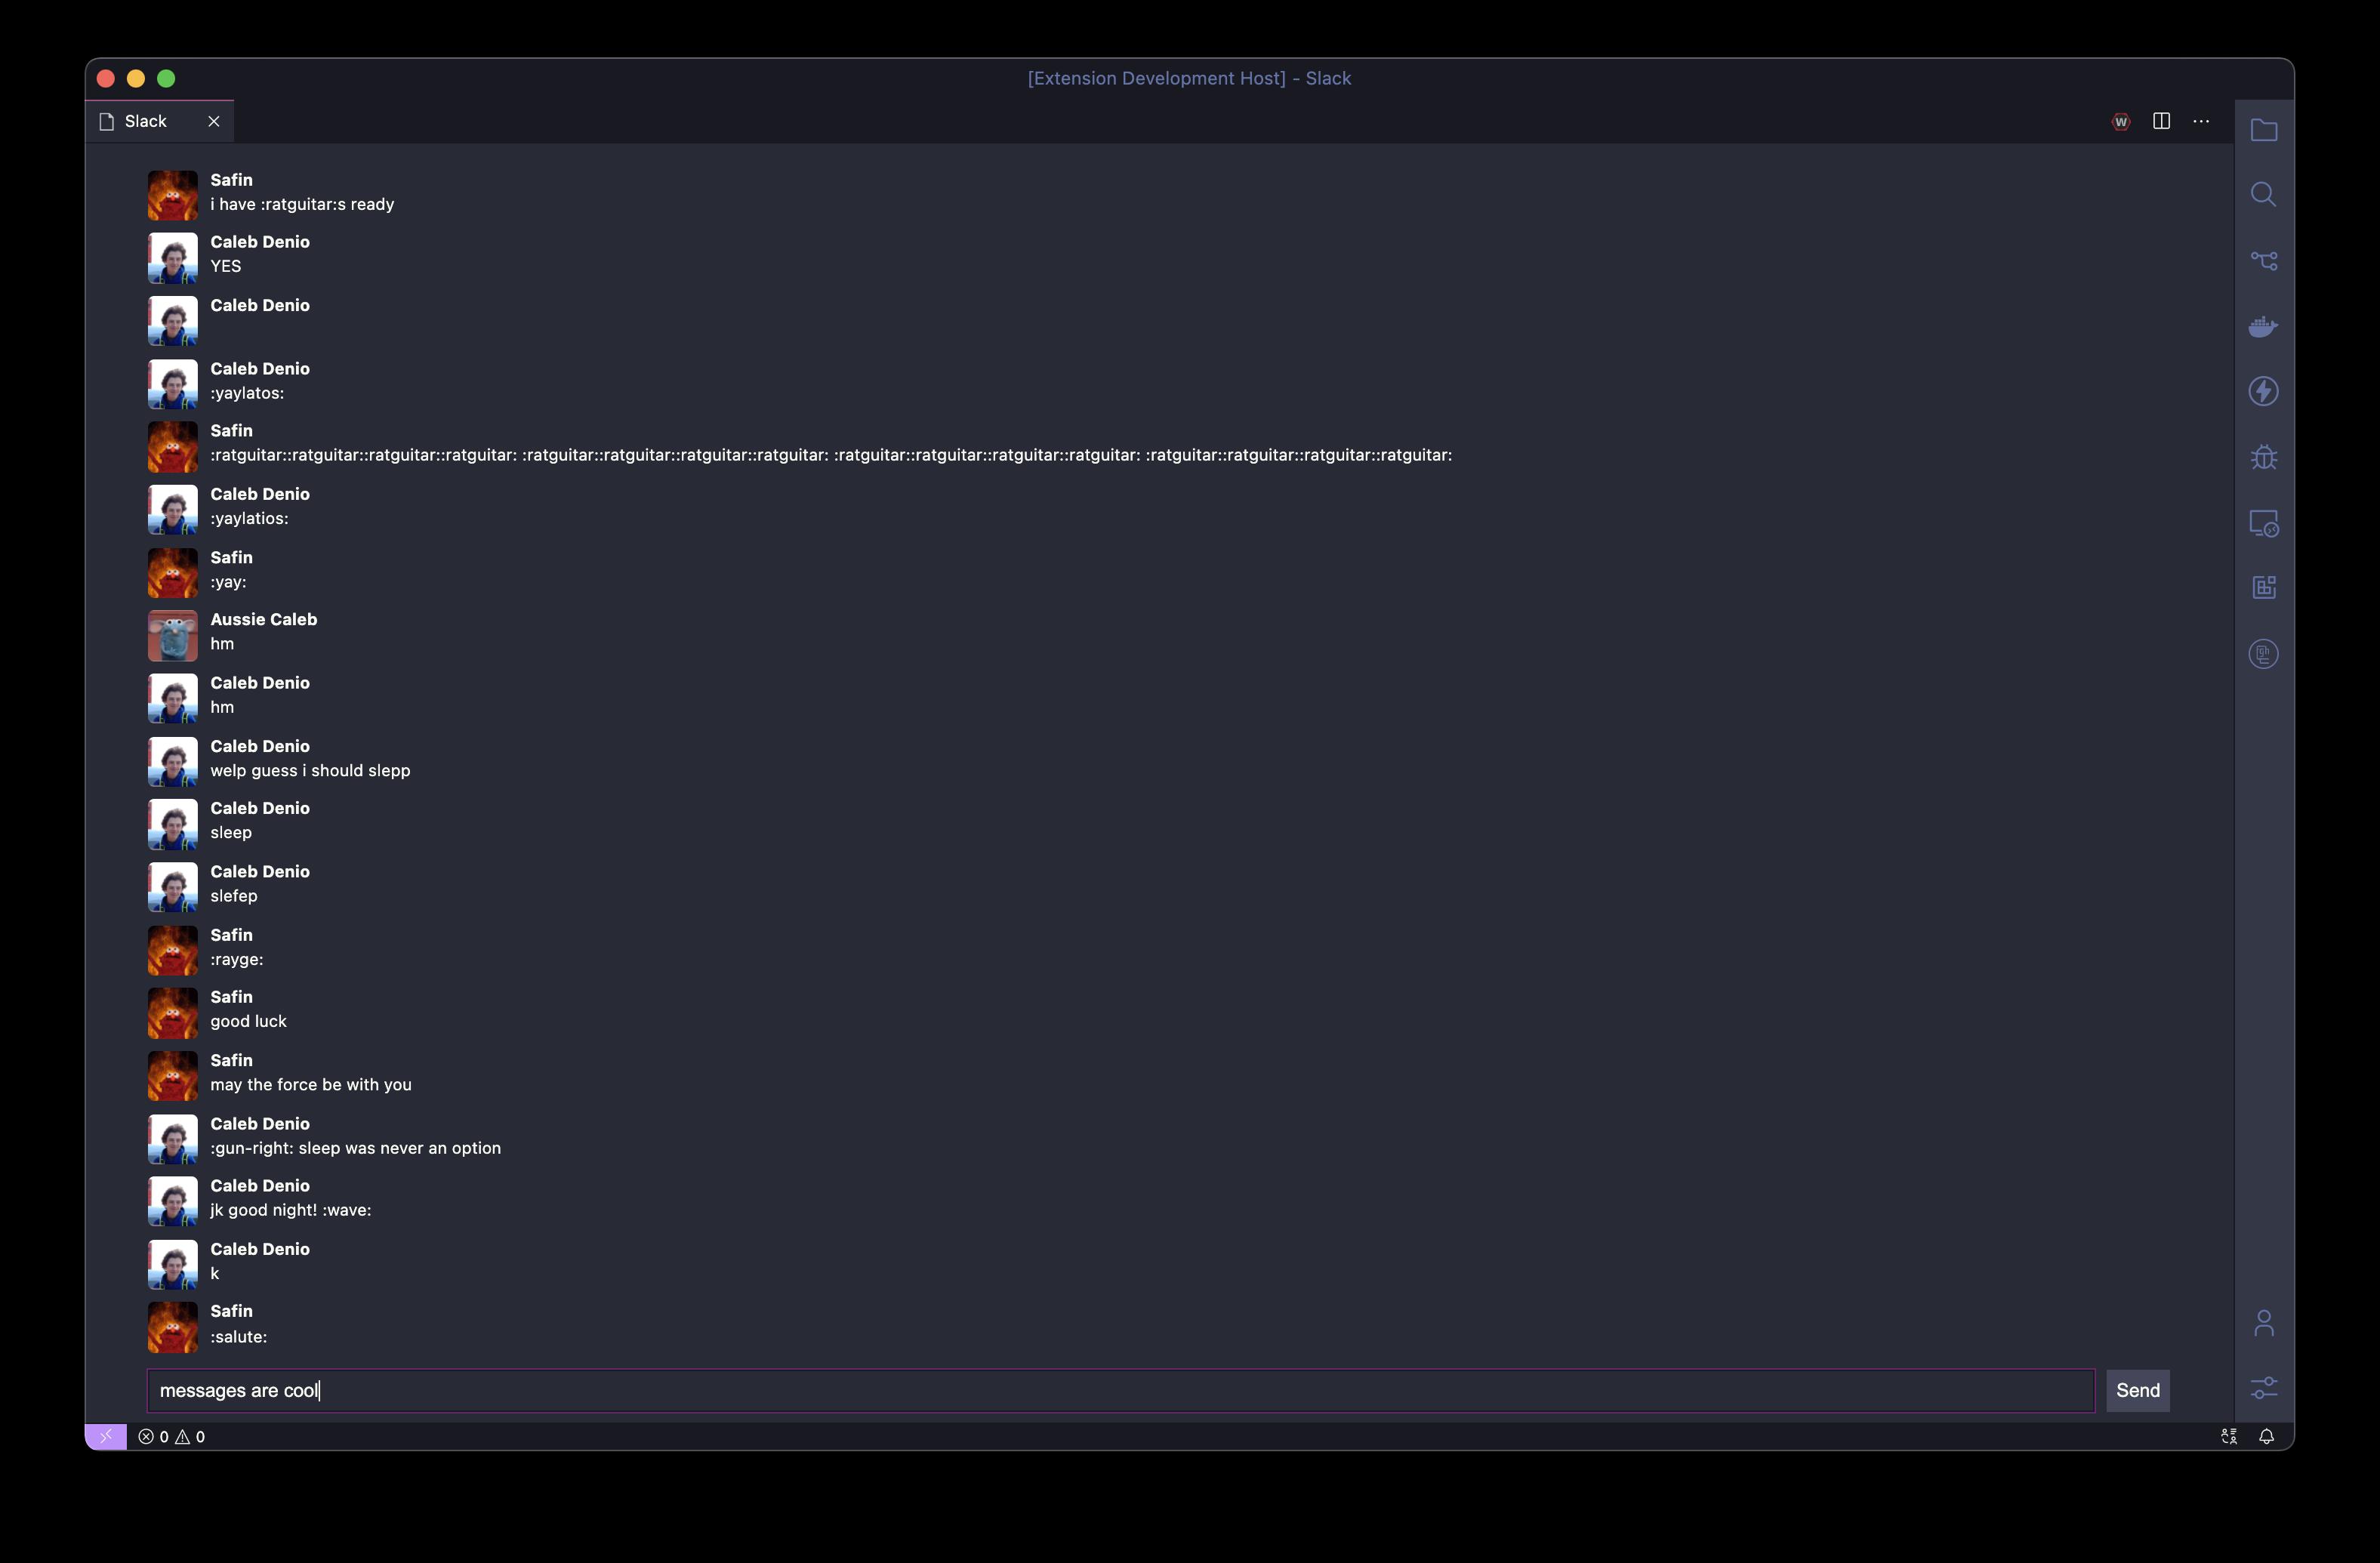 https://cloud-dv62evq73-hack-club-bot.vercel.app/0screen_shot_2021-04-13_at_12.41.01_am.png